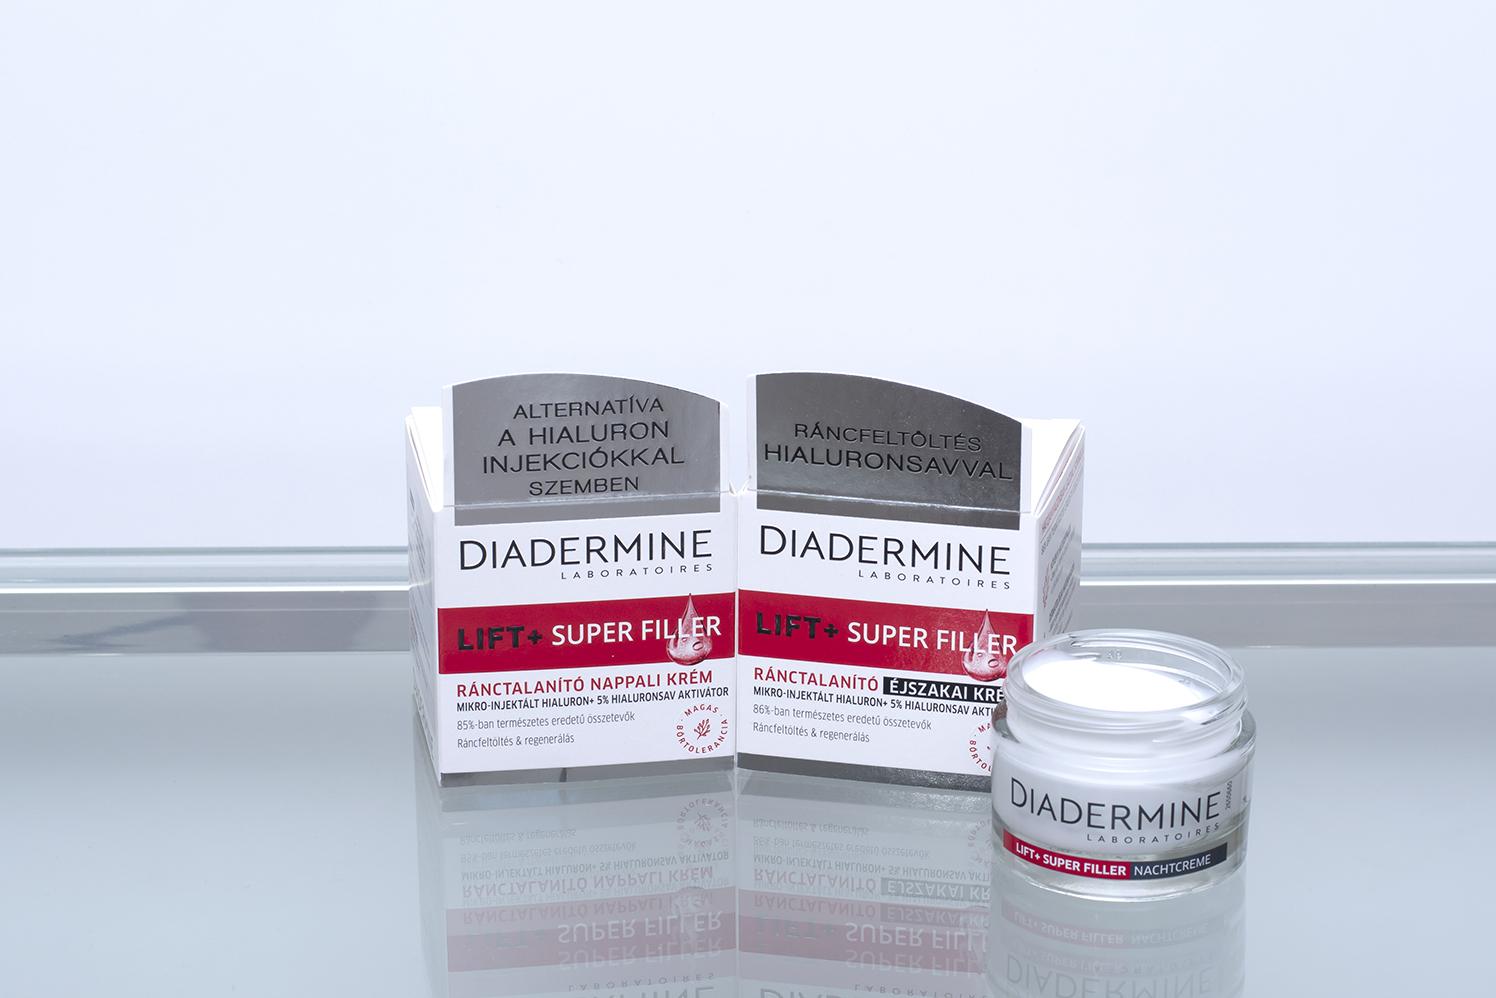 Diadermine Lift+ Super Filler ráncfeltöltő nappali és éjszakai arckrém